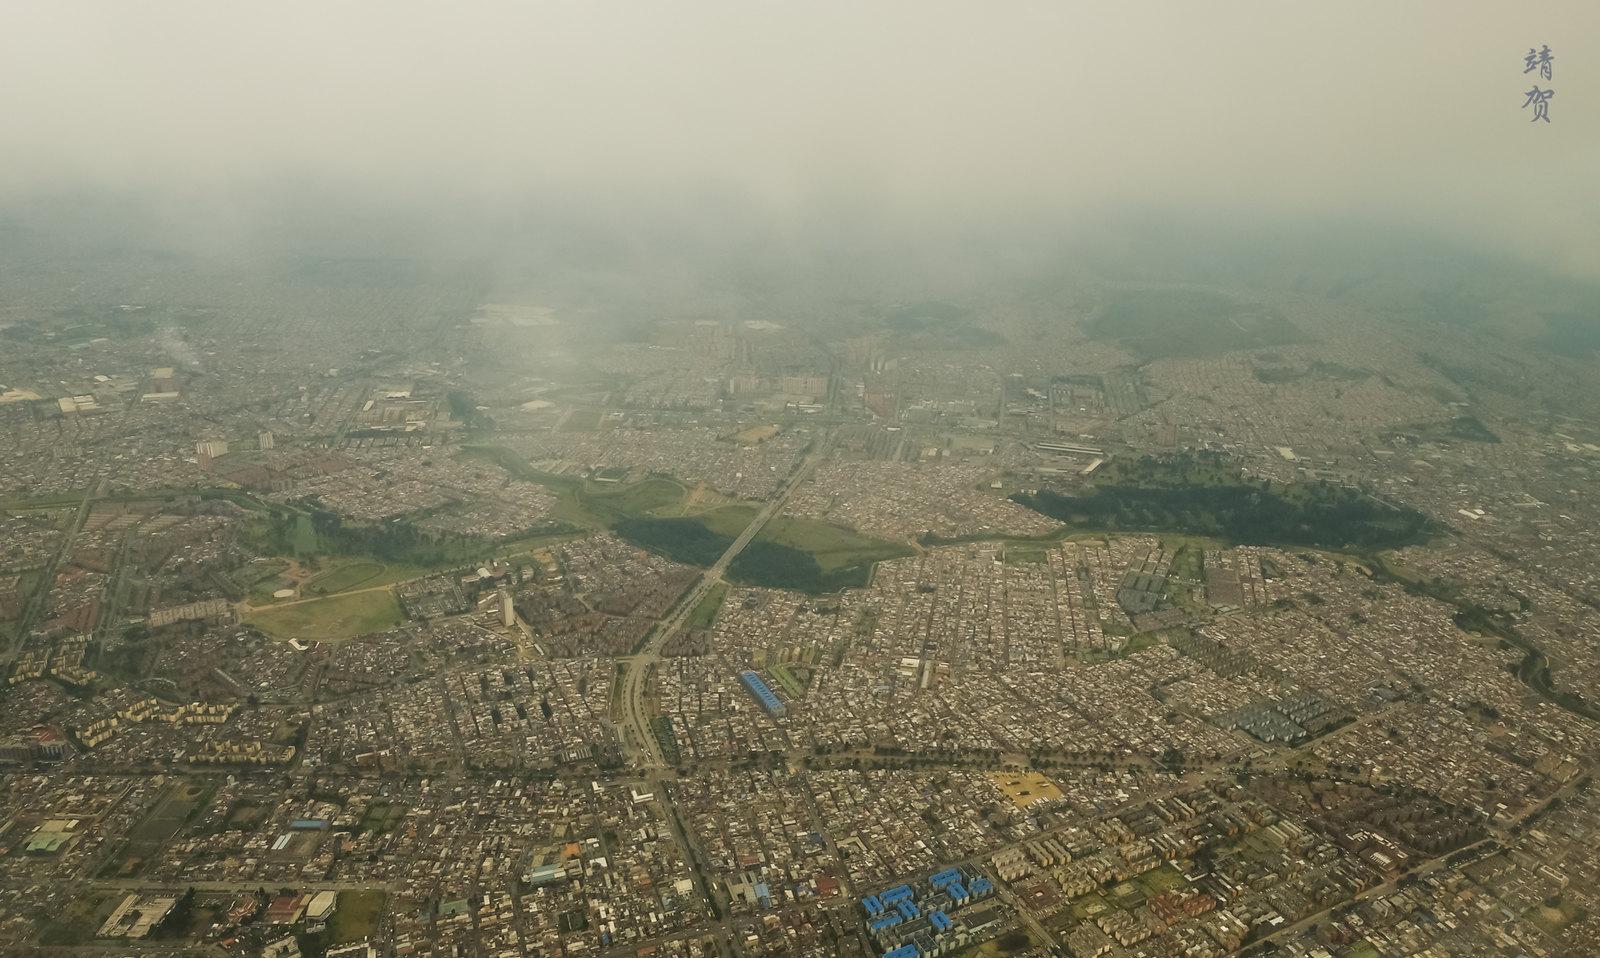 City of Bogotá